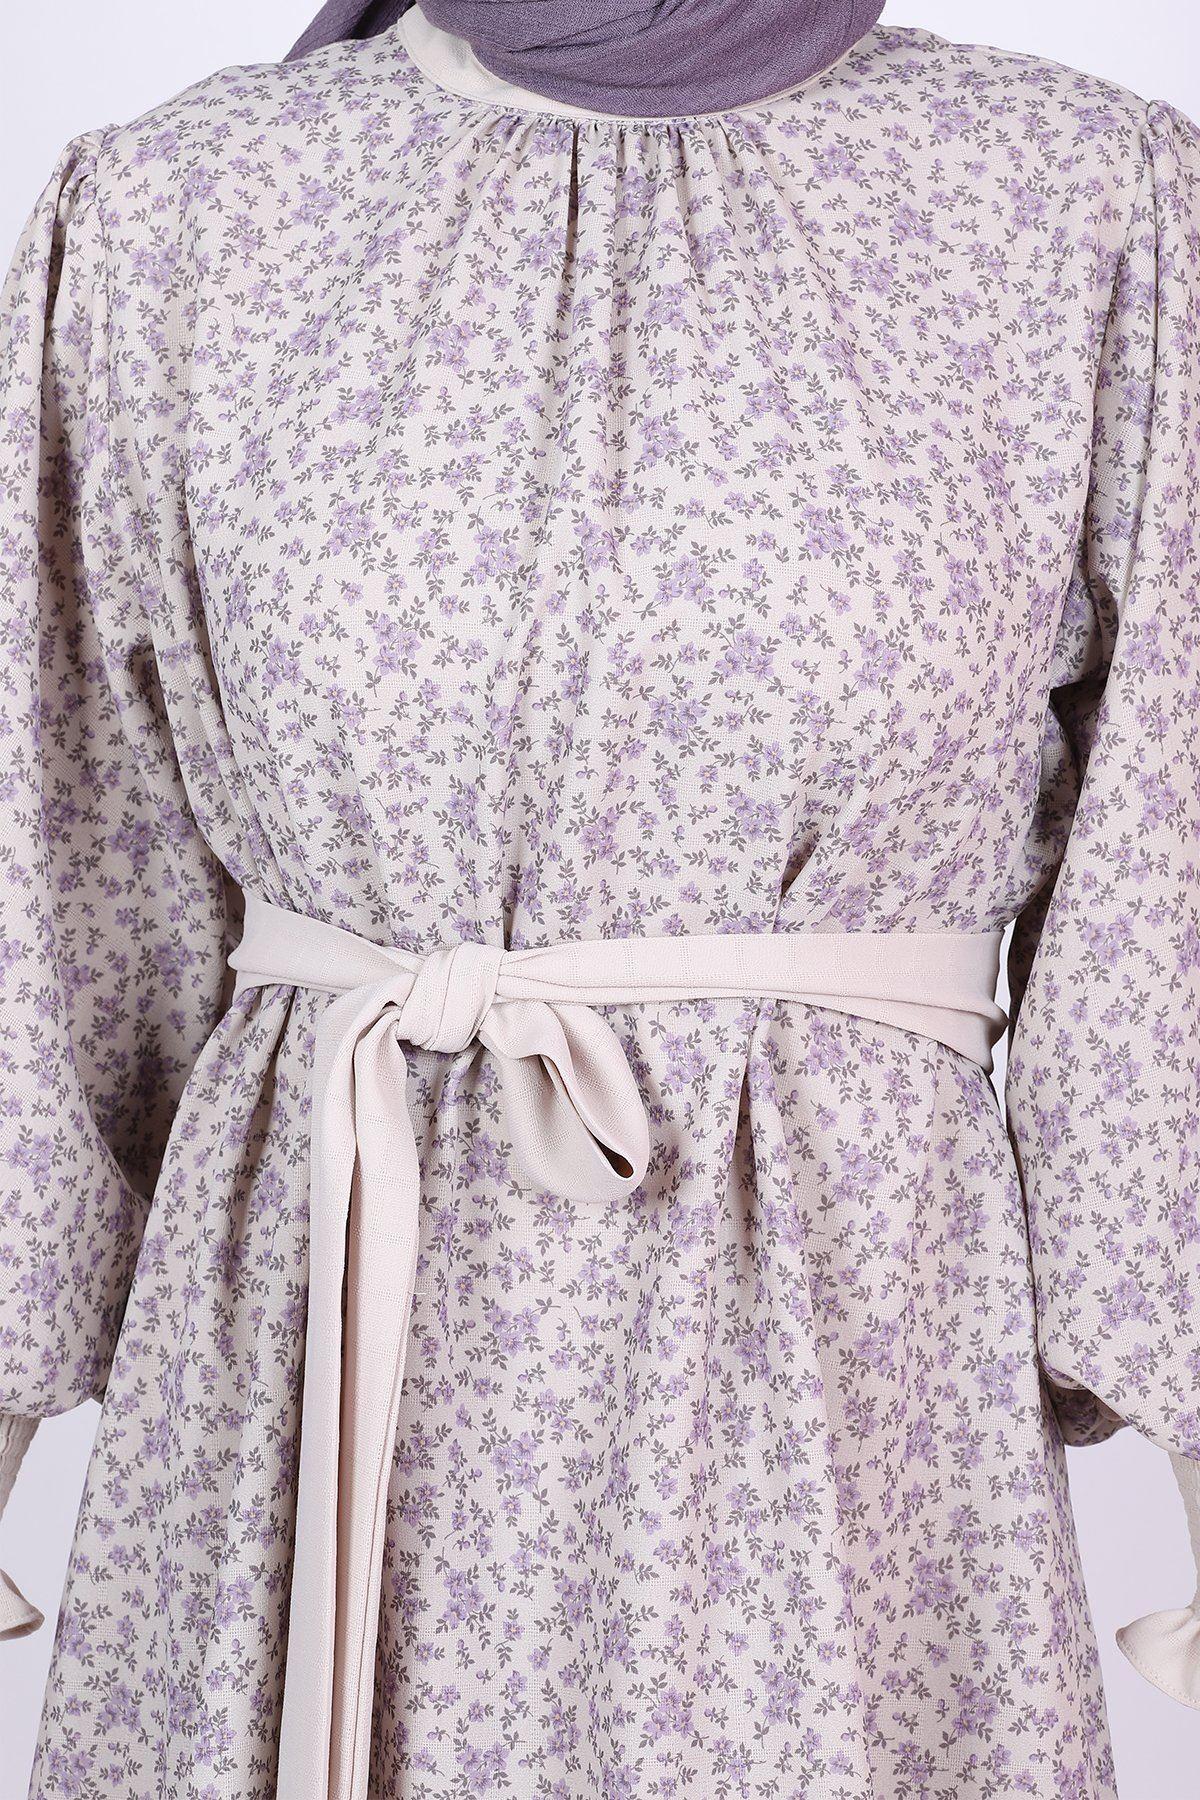 Kadın Çiçekli Büzgülü Balon Kol Takım Elbise - Lila